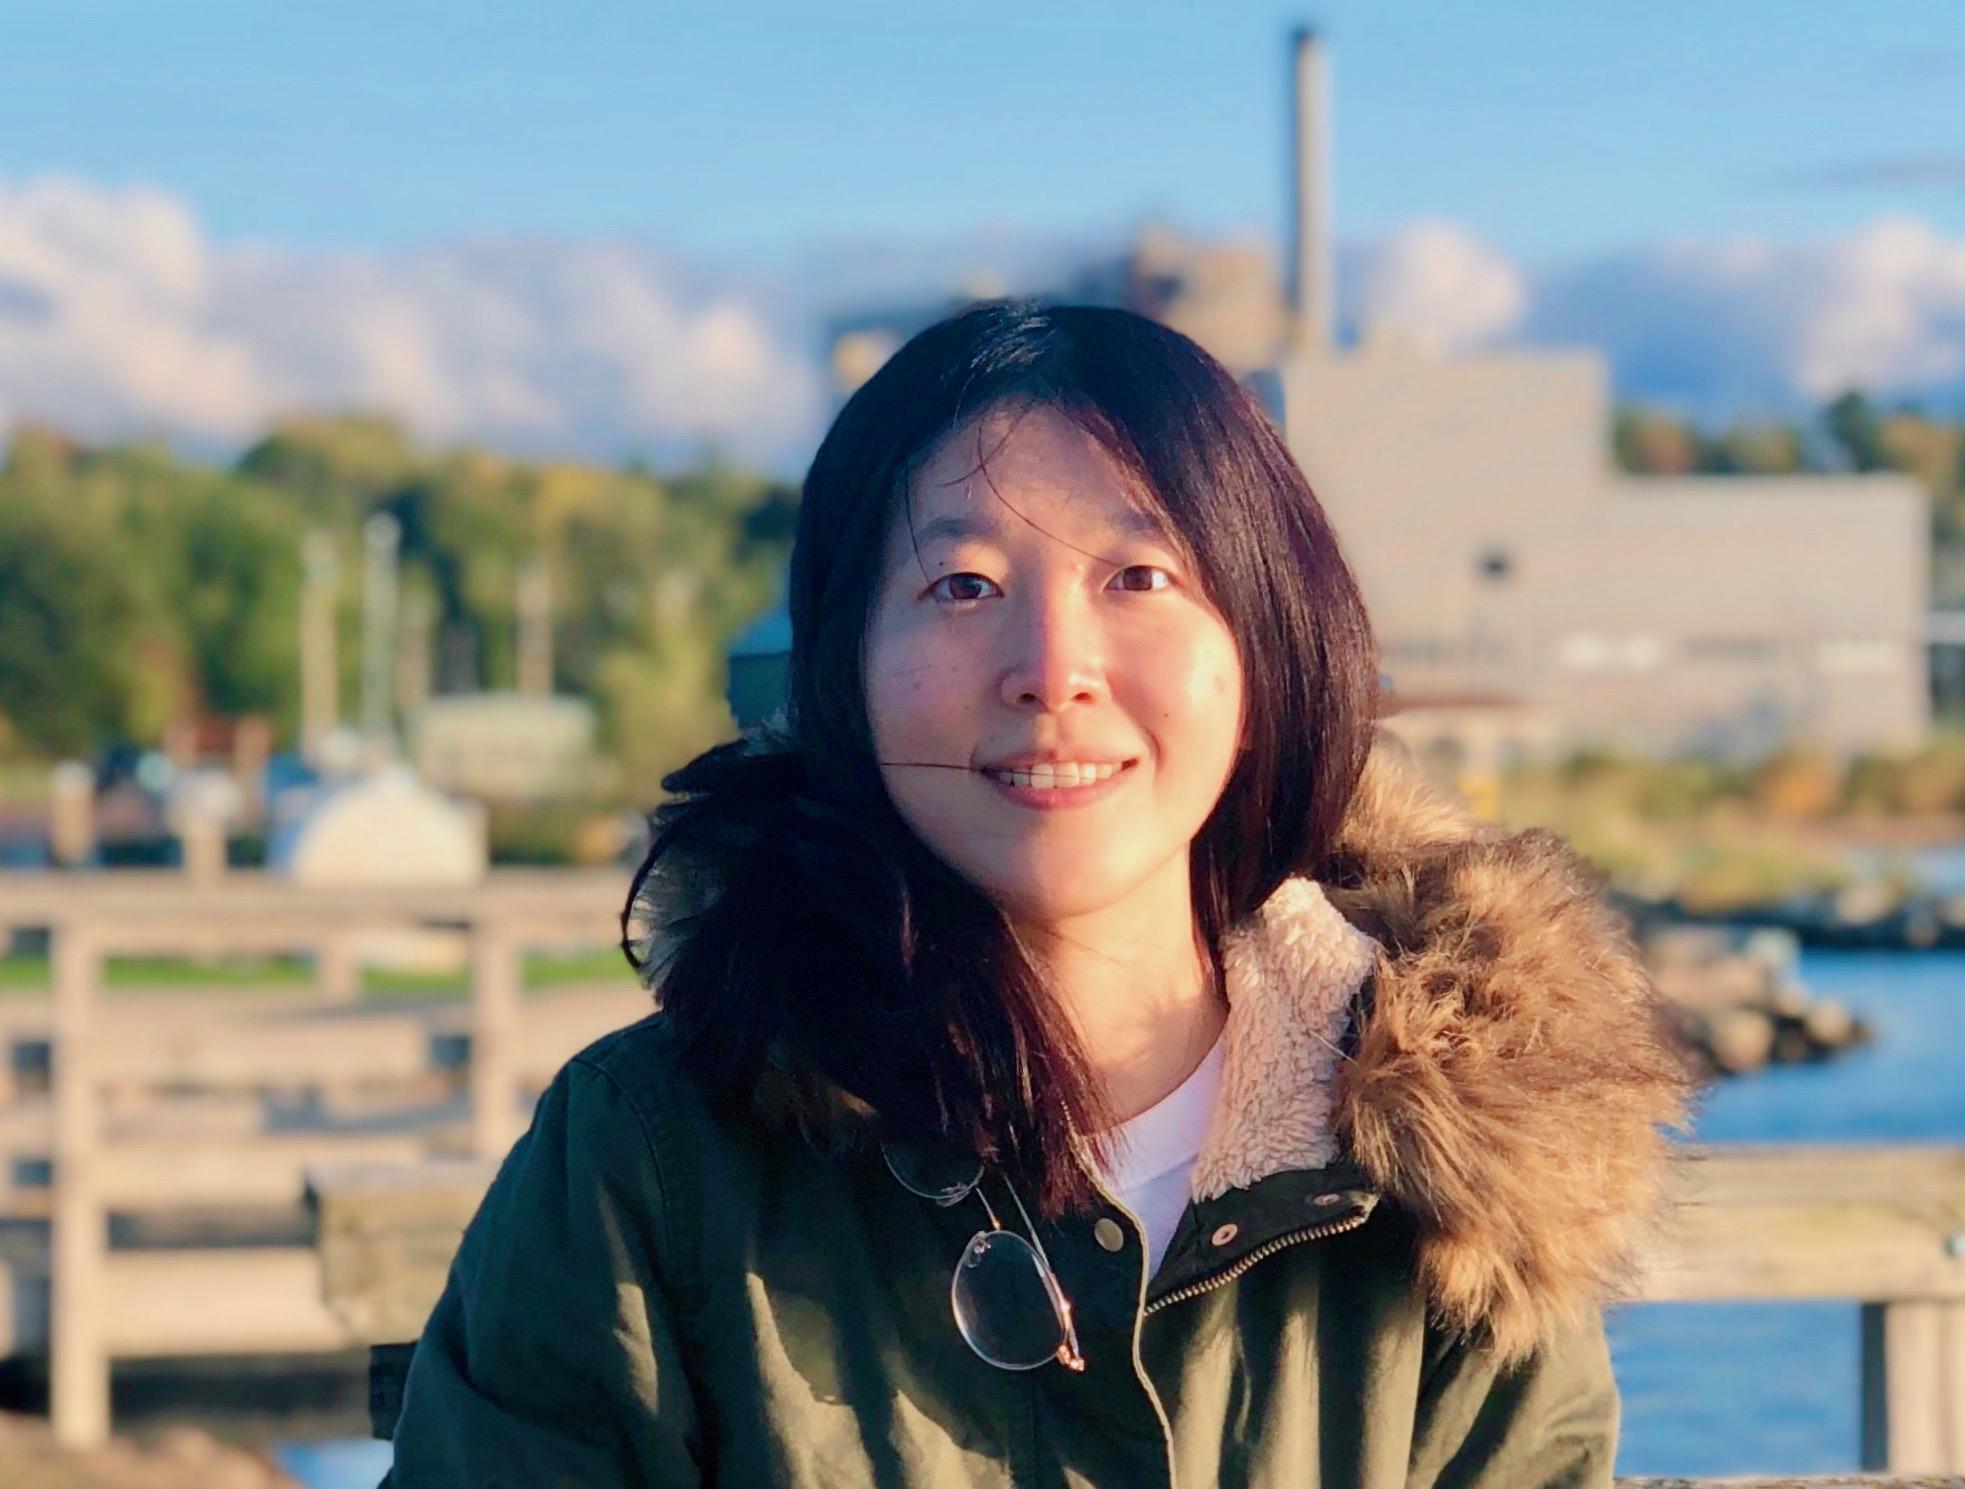 Xinyao Zhang